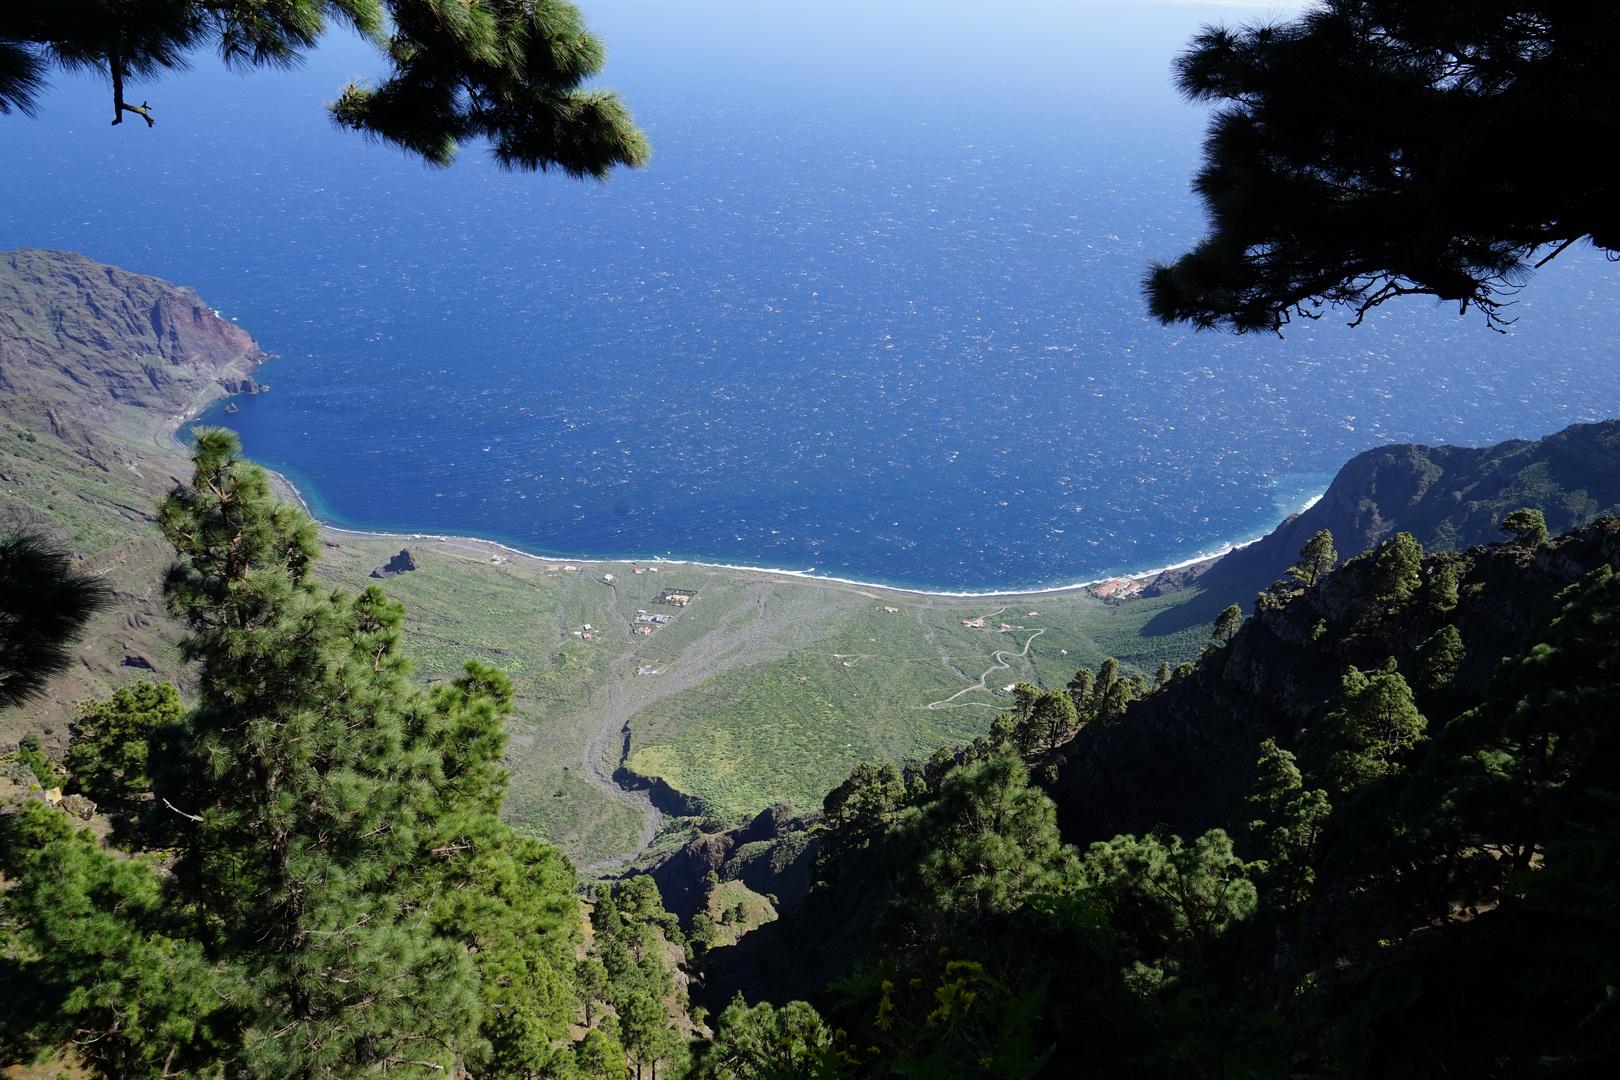 Blick hinunter auf das abgerutschte Tal, links unten La Bonanza, rechts unten El Parador del Hierro